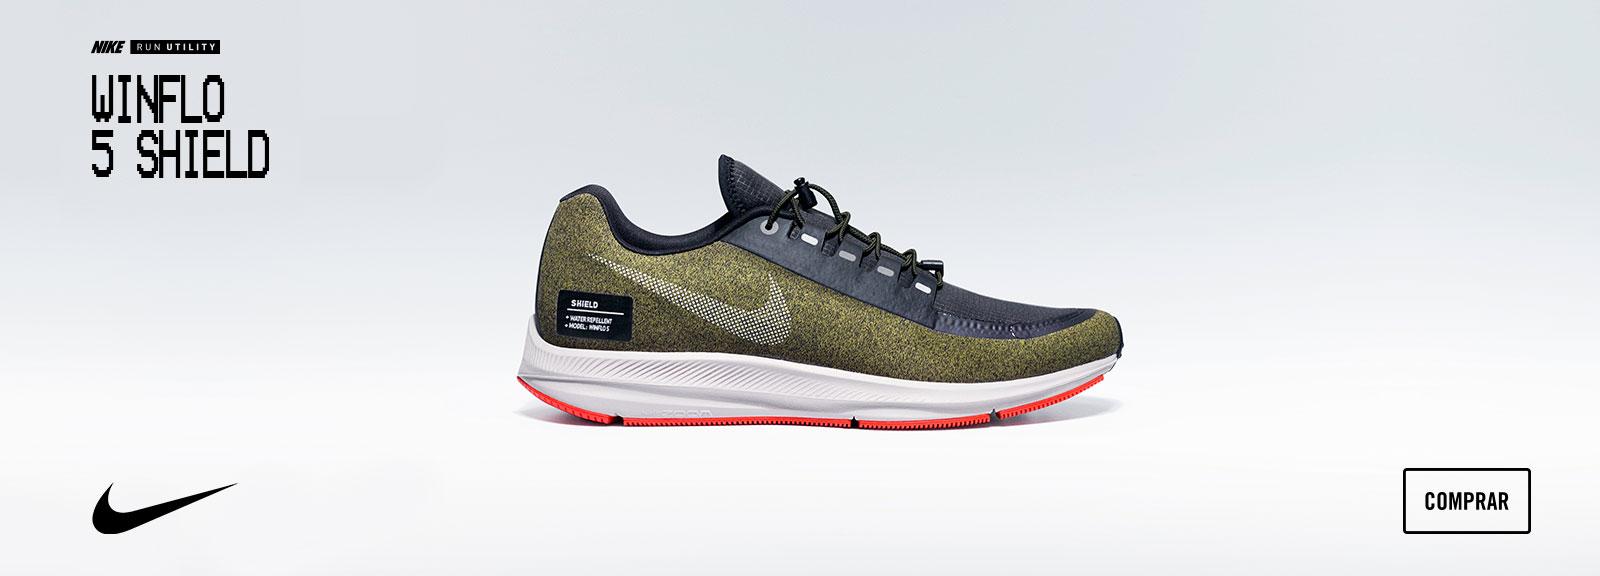 780e96d3 Winflo Nike